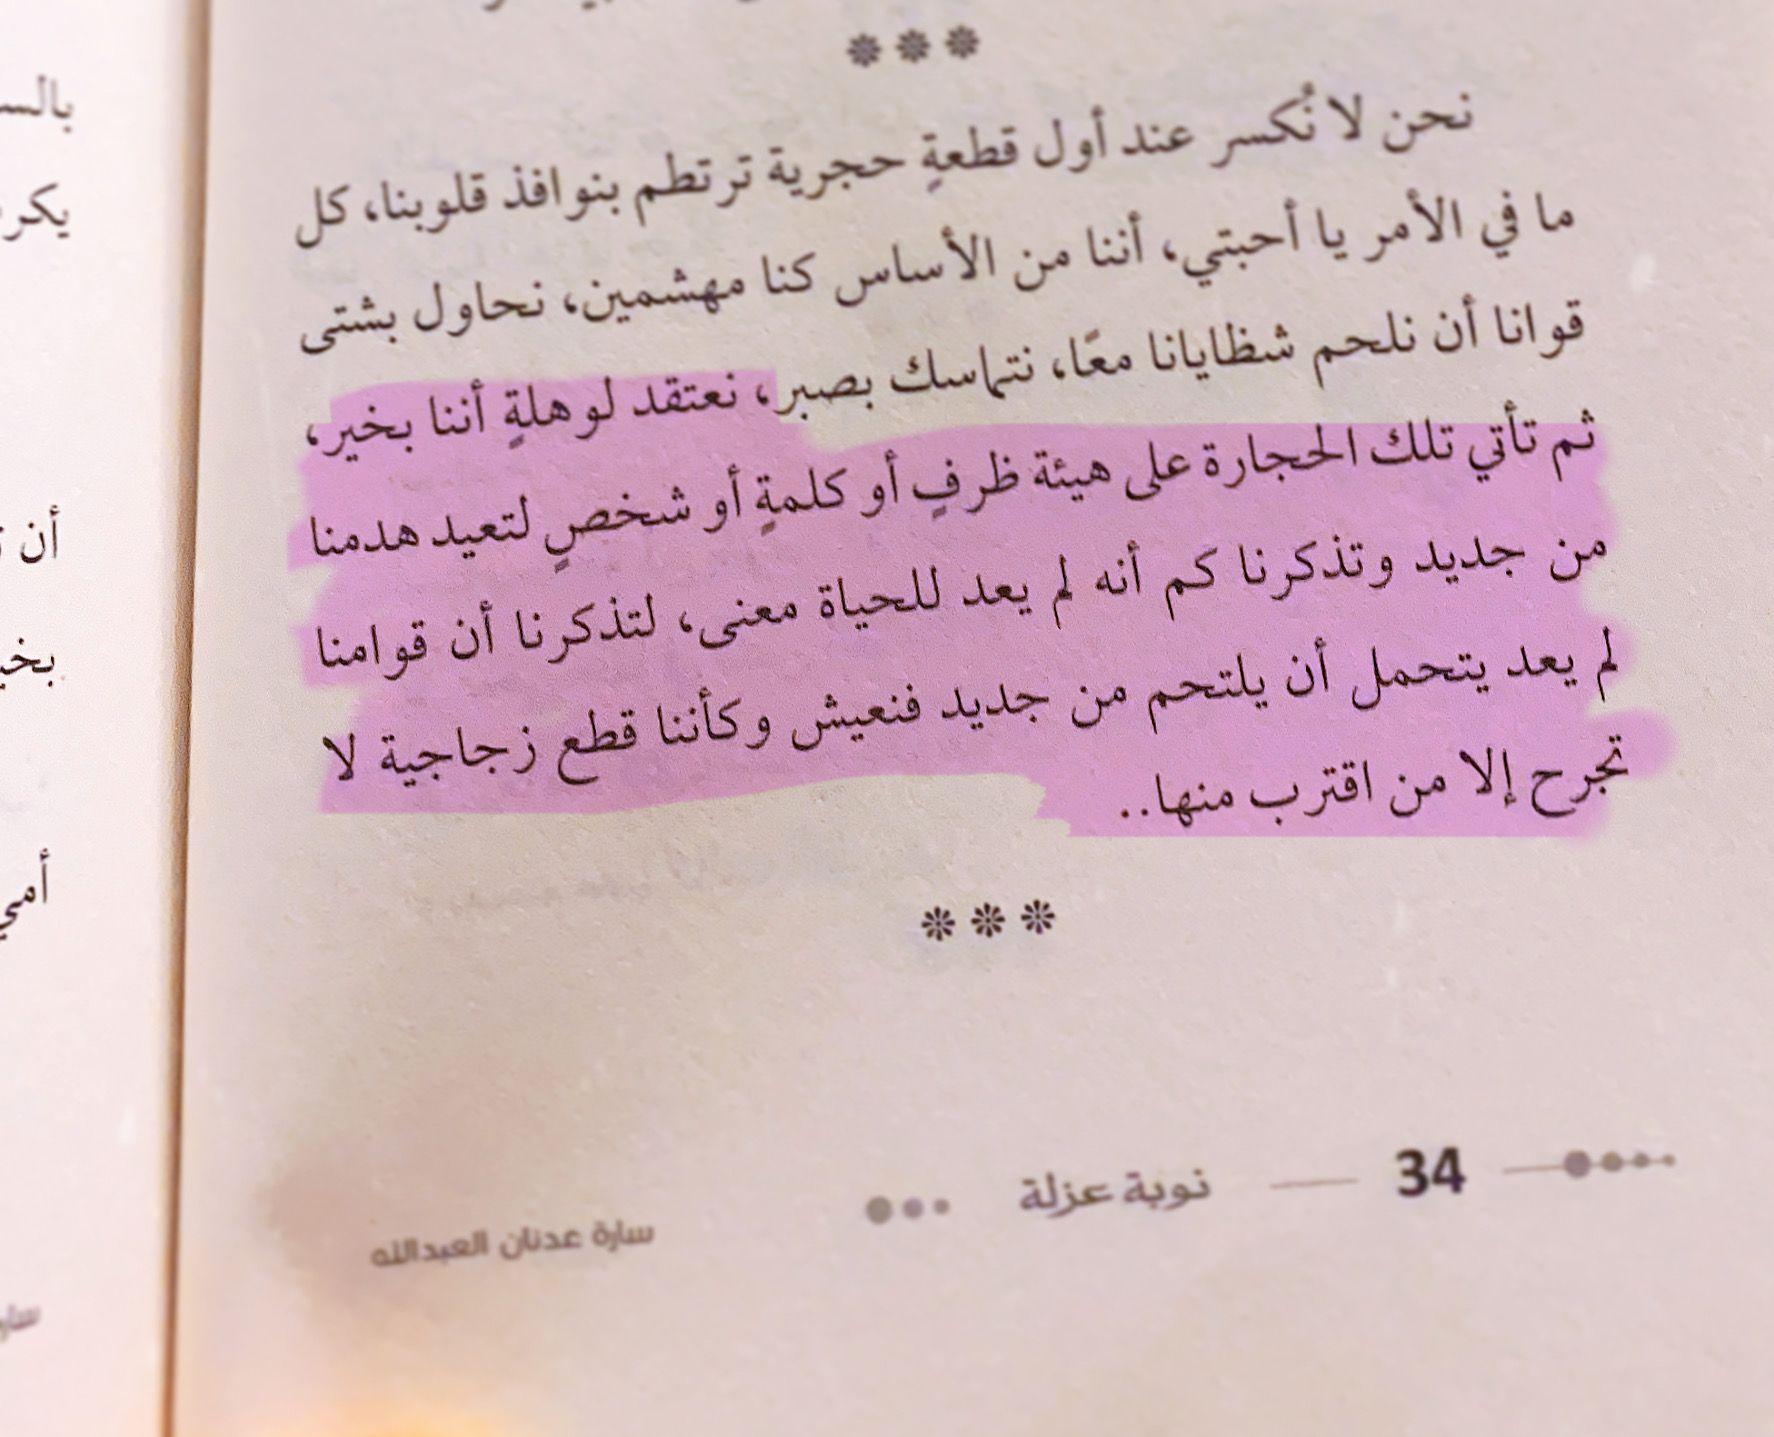 كتاب نوبة عزلة للكاتبة ساره عدنان العبدالله Cute Girl Poses Quotes Books